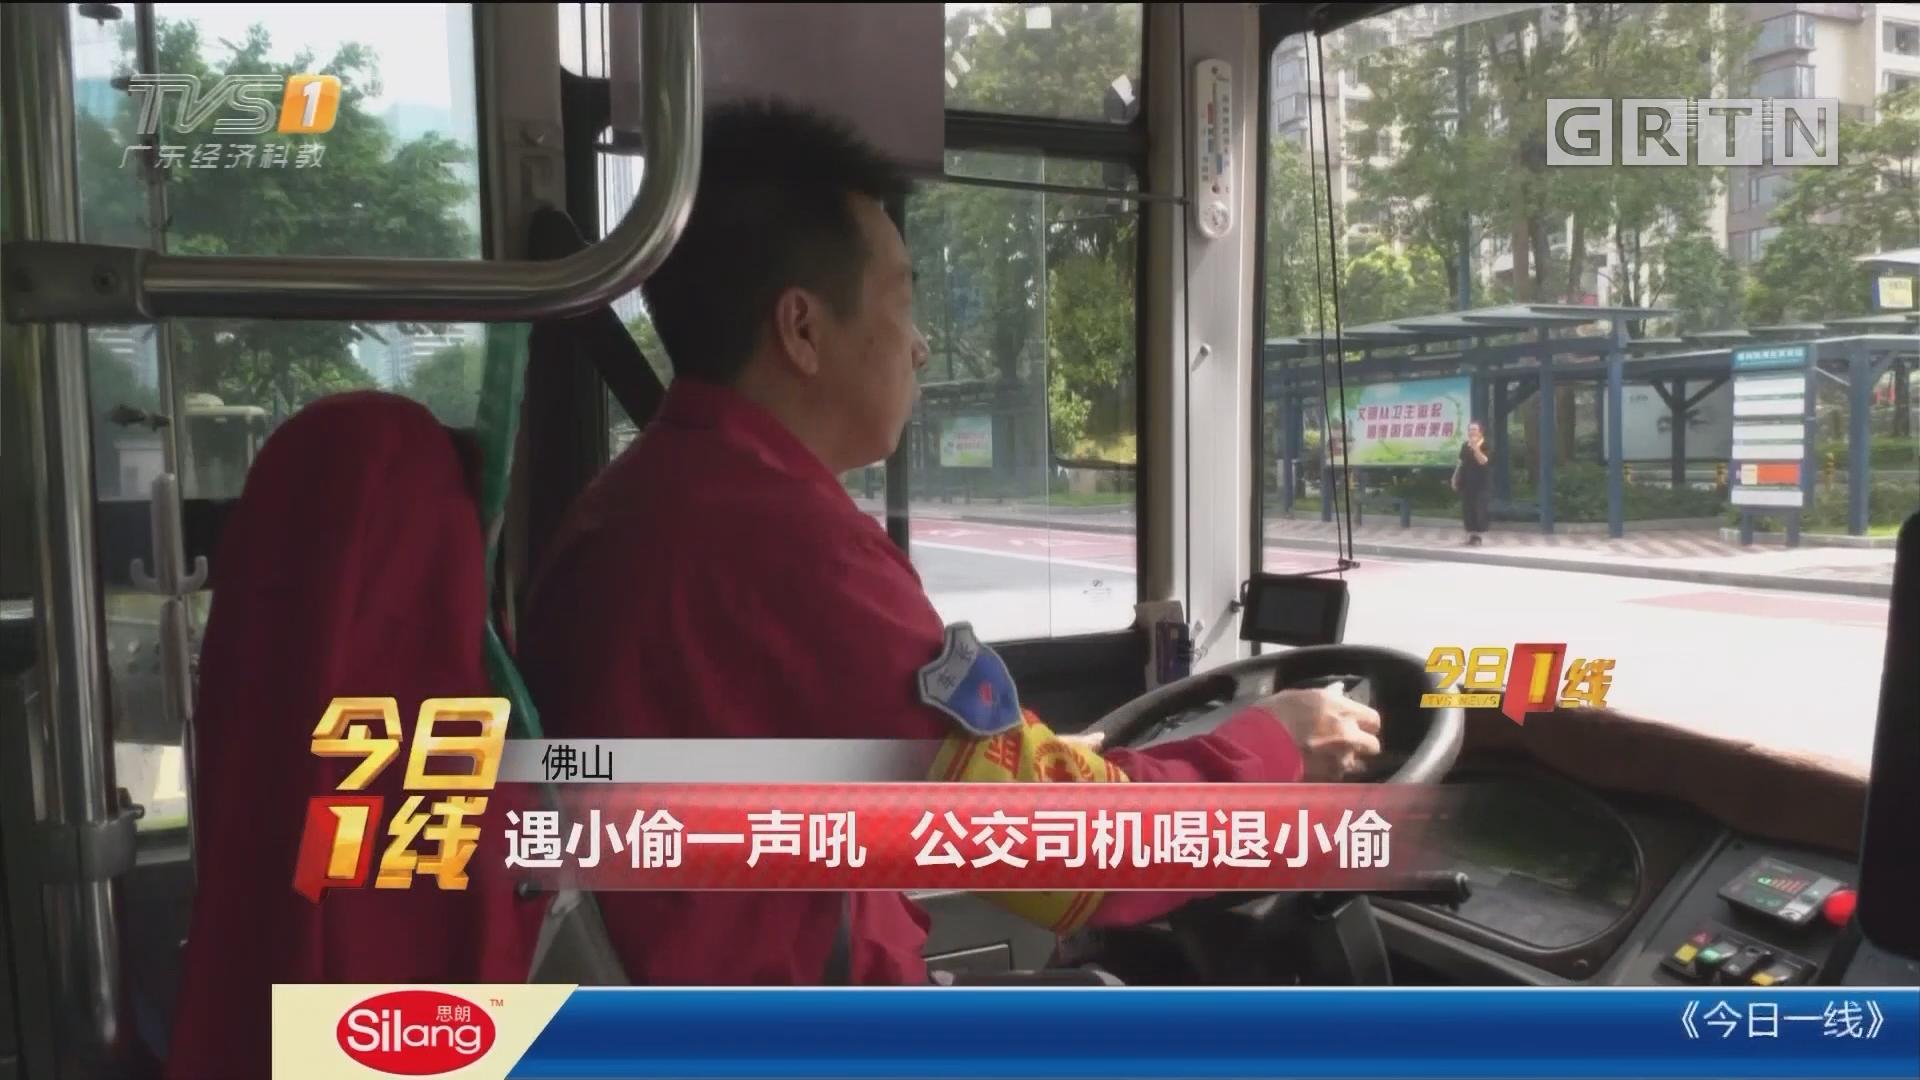 佛山:遇小偷一声吼 公交司机喝退小偷